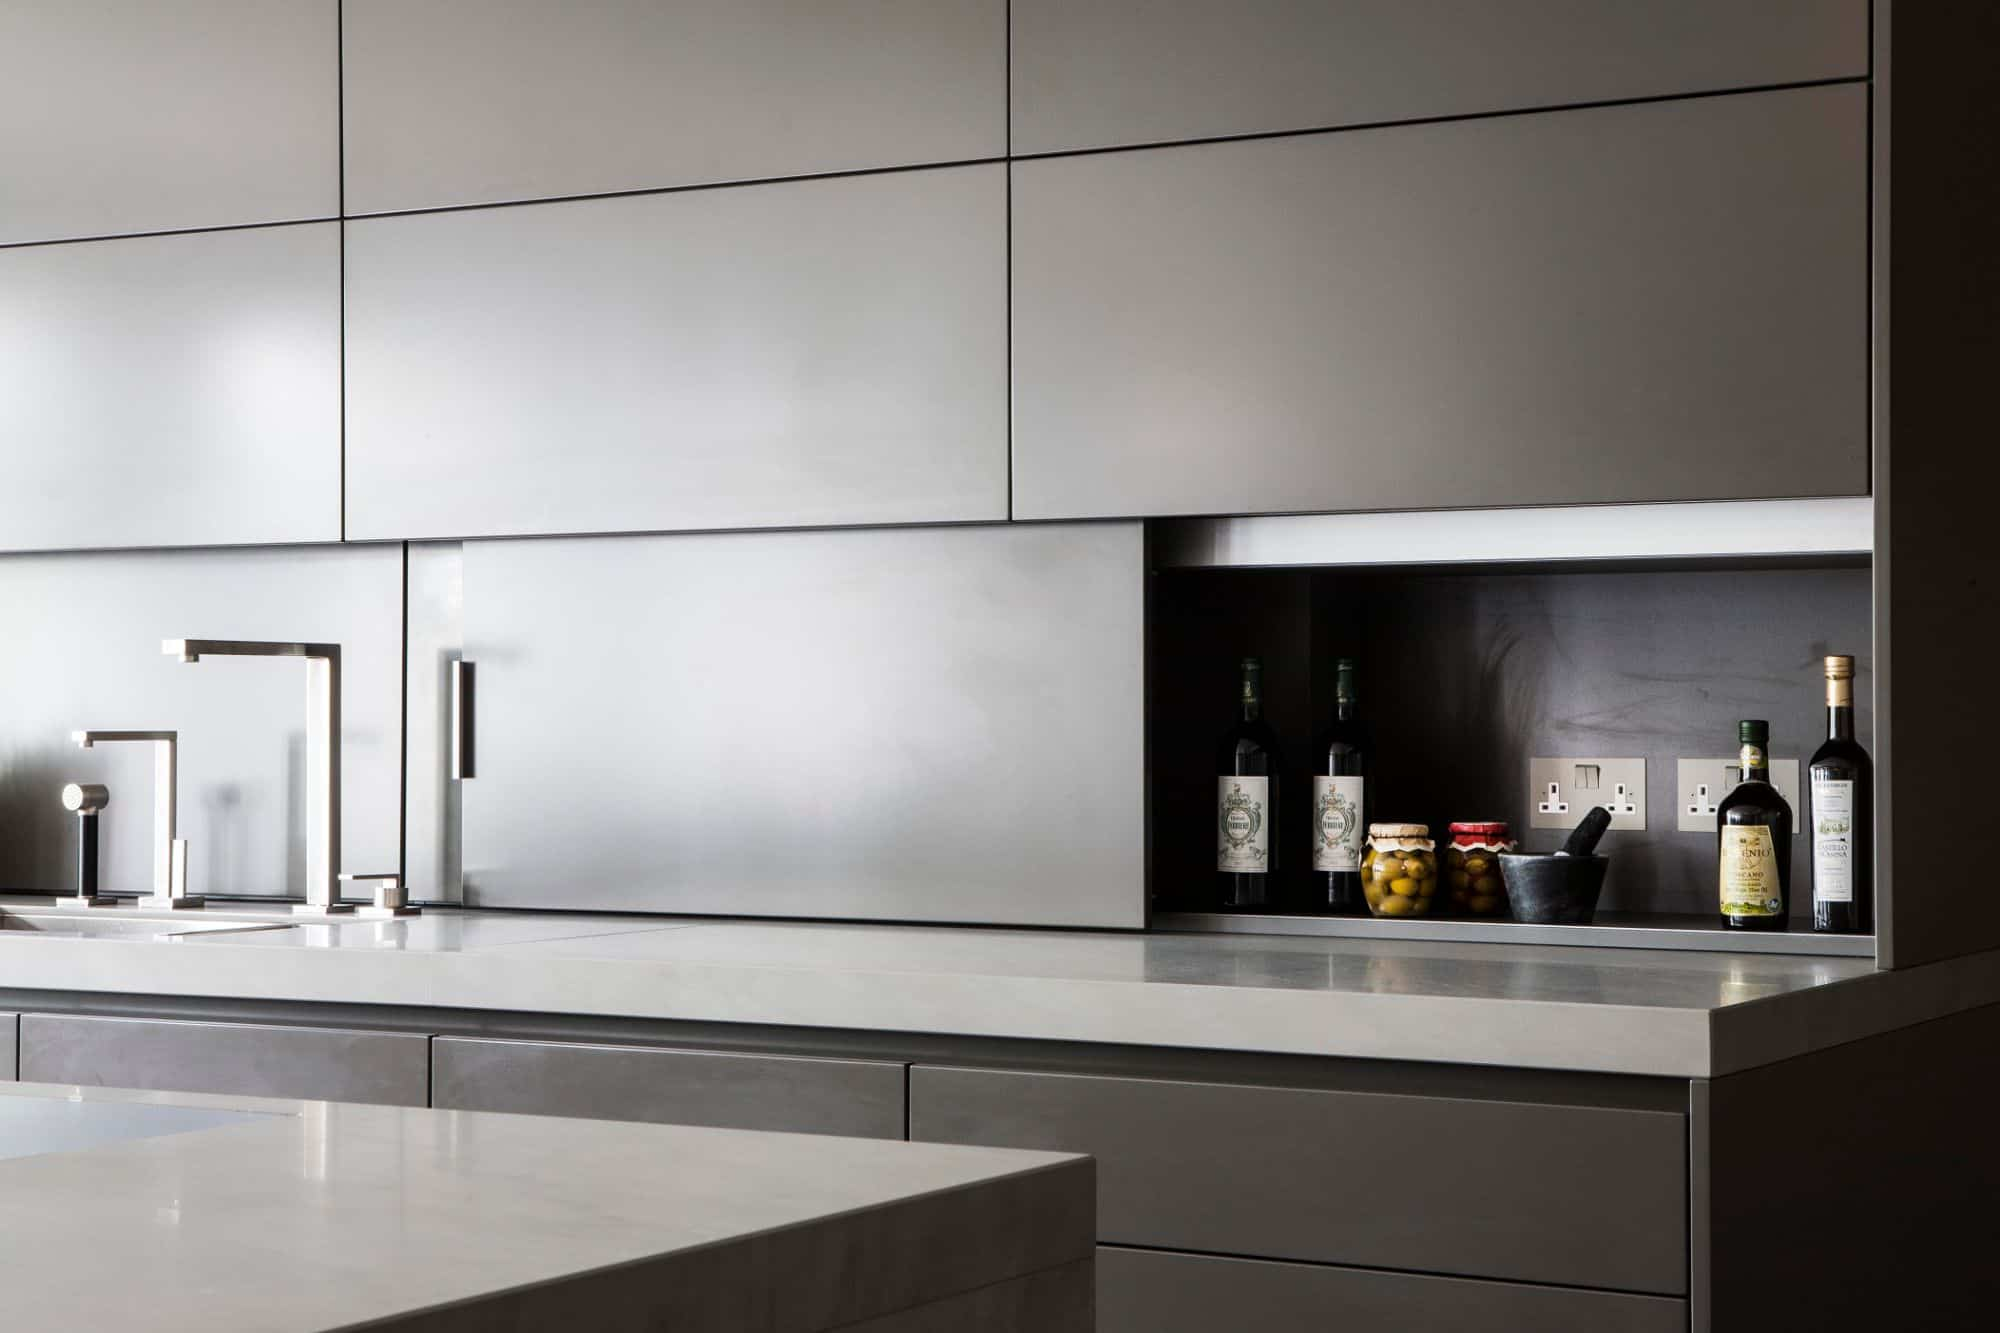 hidden backsplash storage to reduce clutter